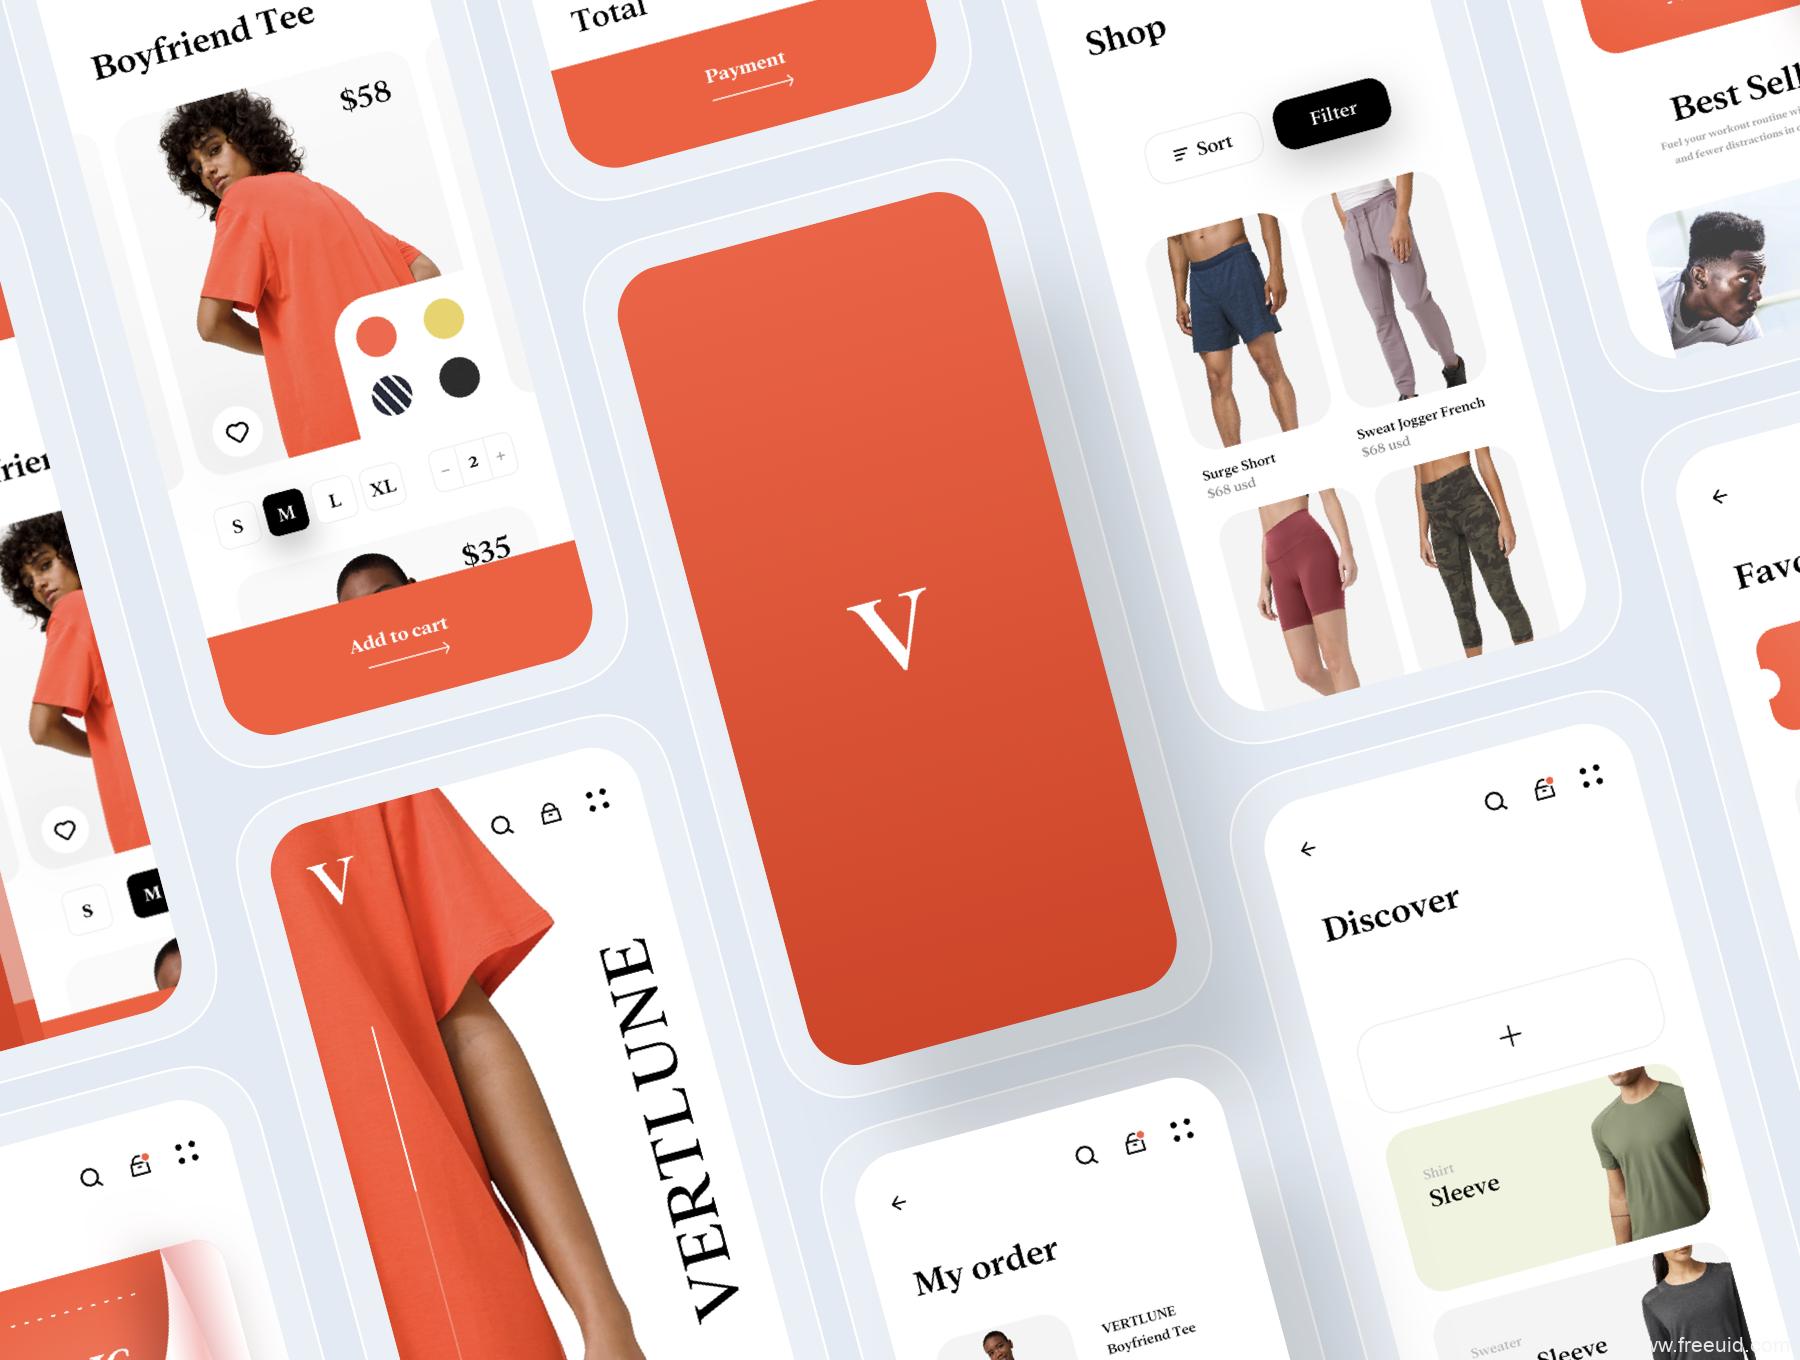 一套时尚电商app UI源文件下载,时尚服装电商应用UI 资源下载,服装电商xd、figma、sketch源文件